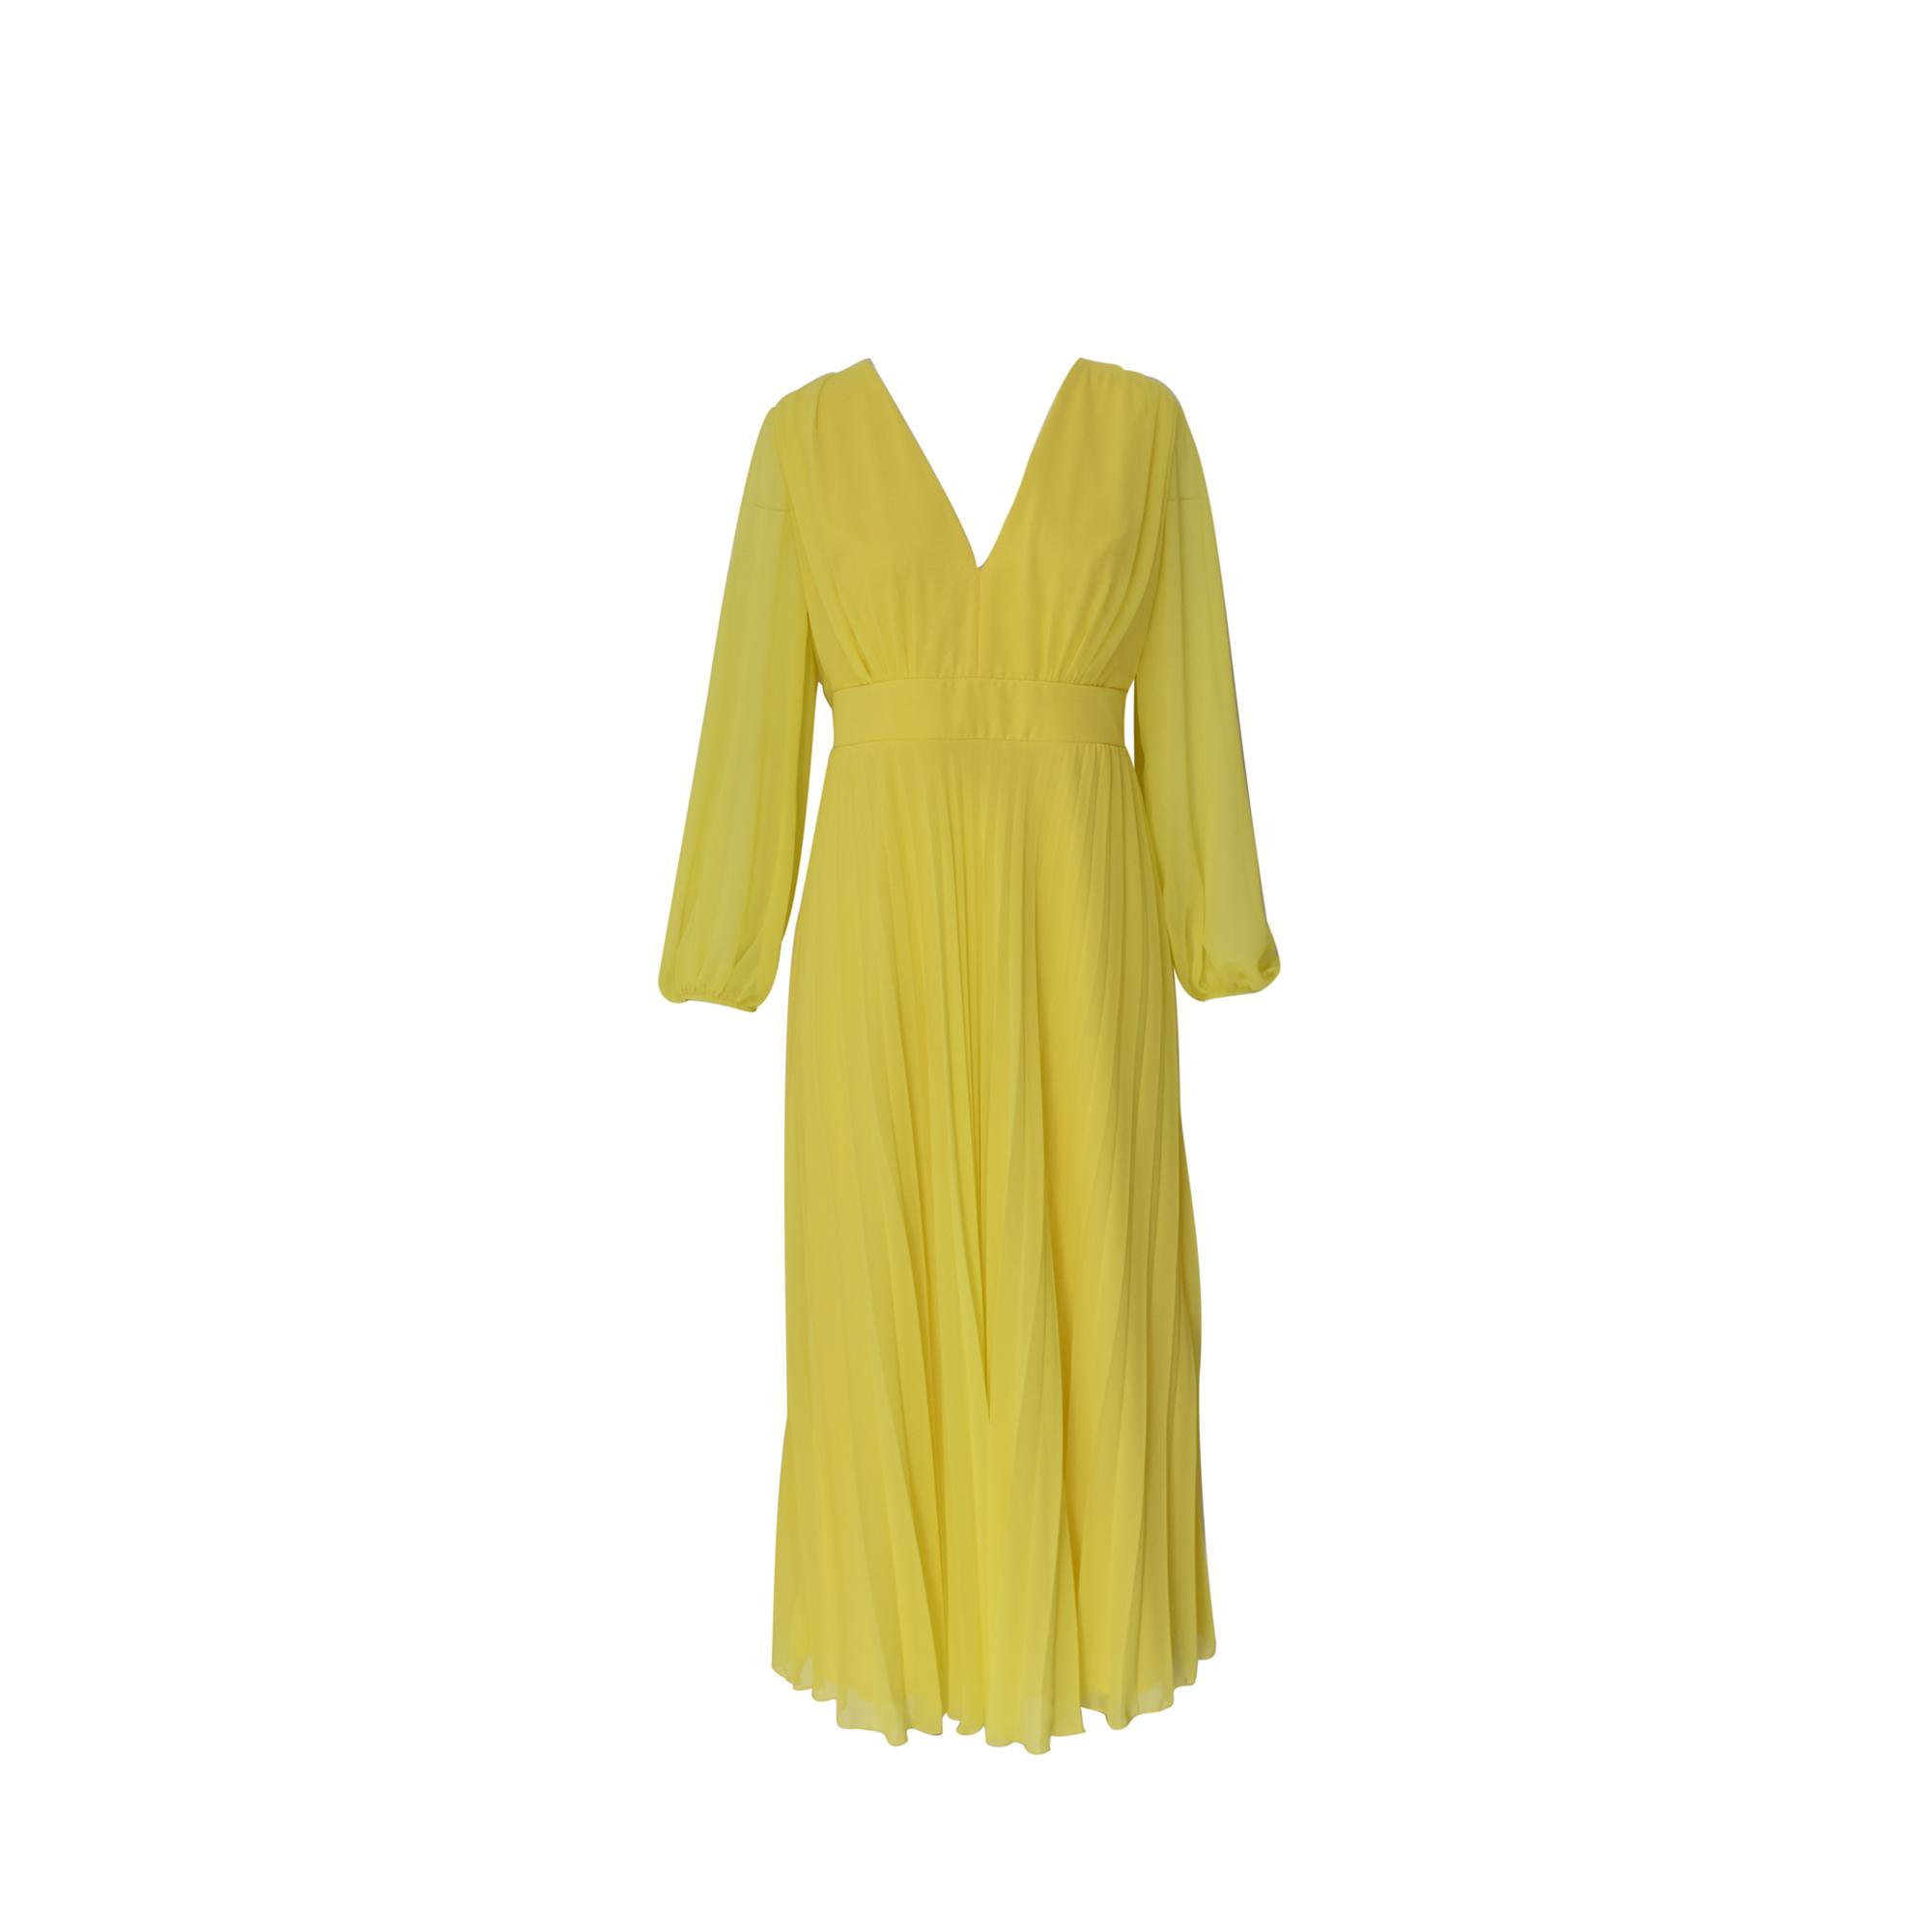 MIX & MATCH PLEATED DRESS - 19008 YELLOW